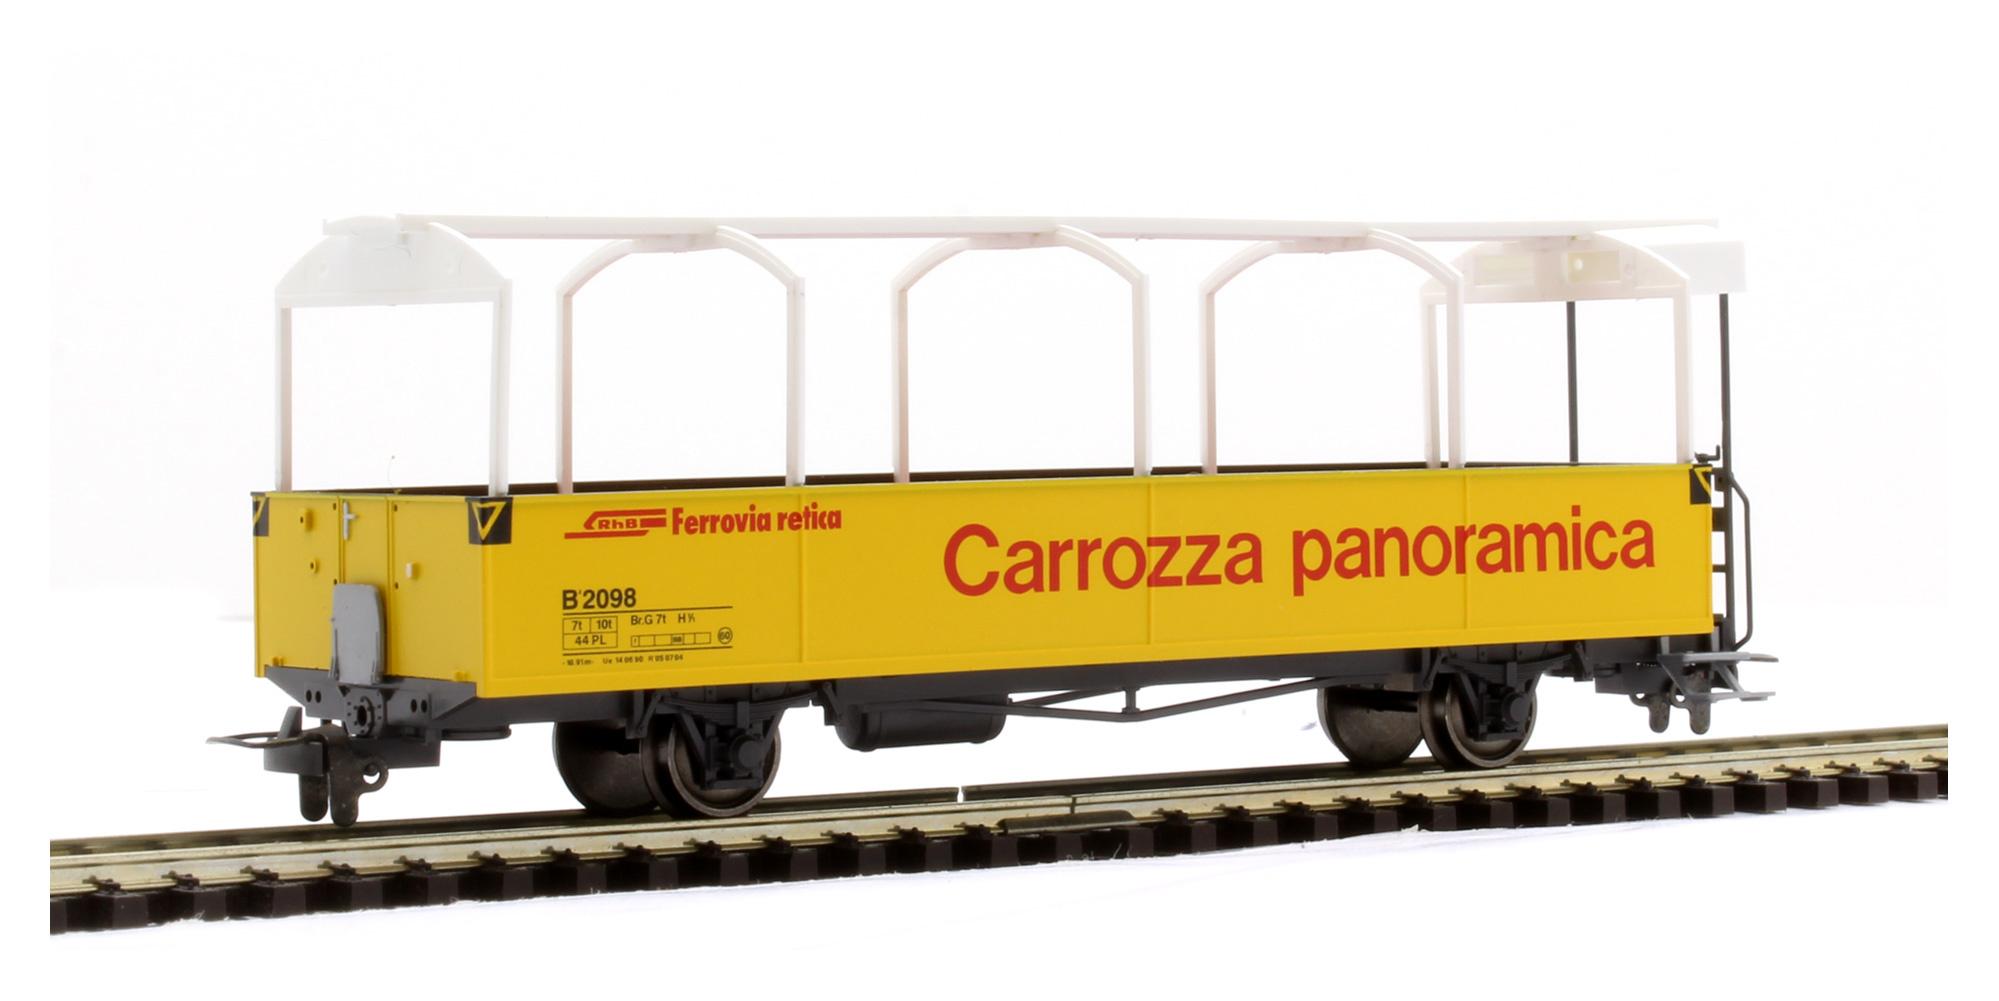 3280113 RhB B 2098 offener Aussichtswagen-1